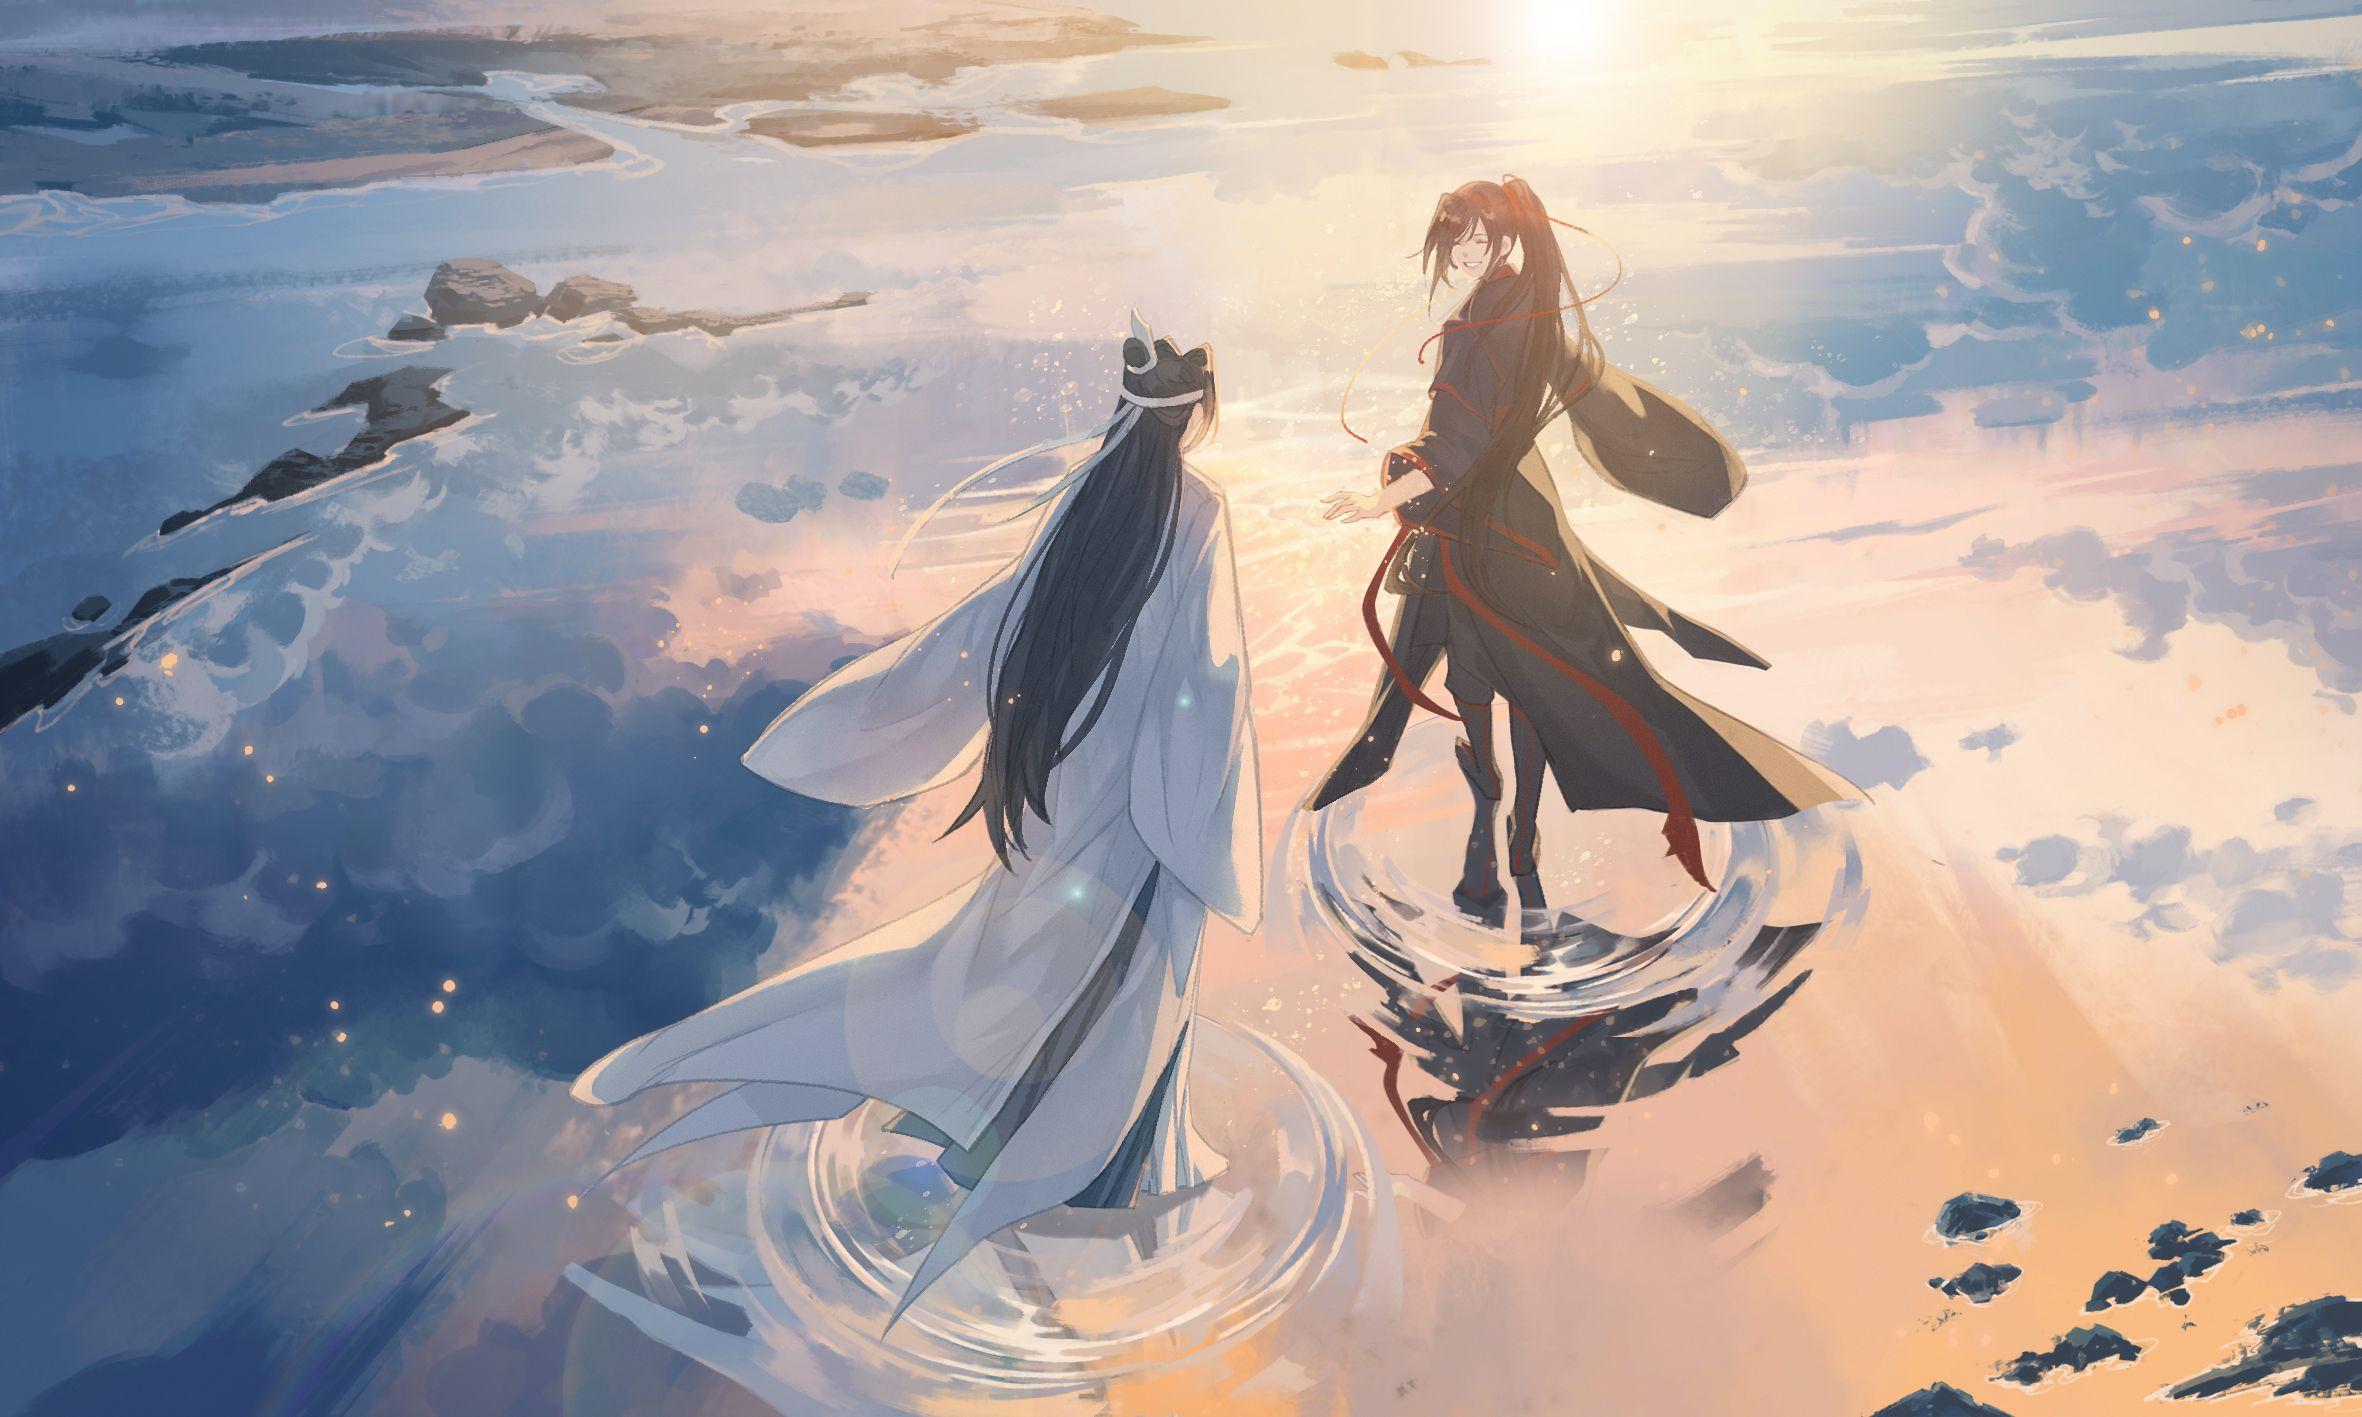 初灯灯Akari on in 2020 Real anime, Fantasy demon, Anime art